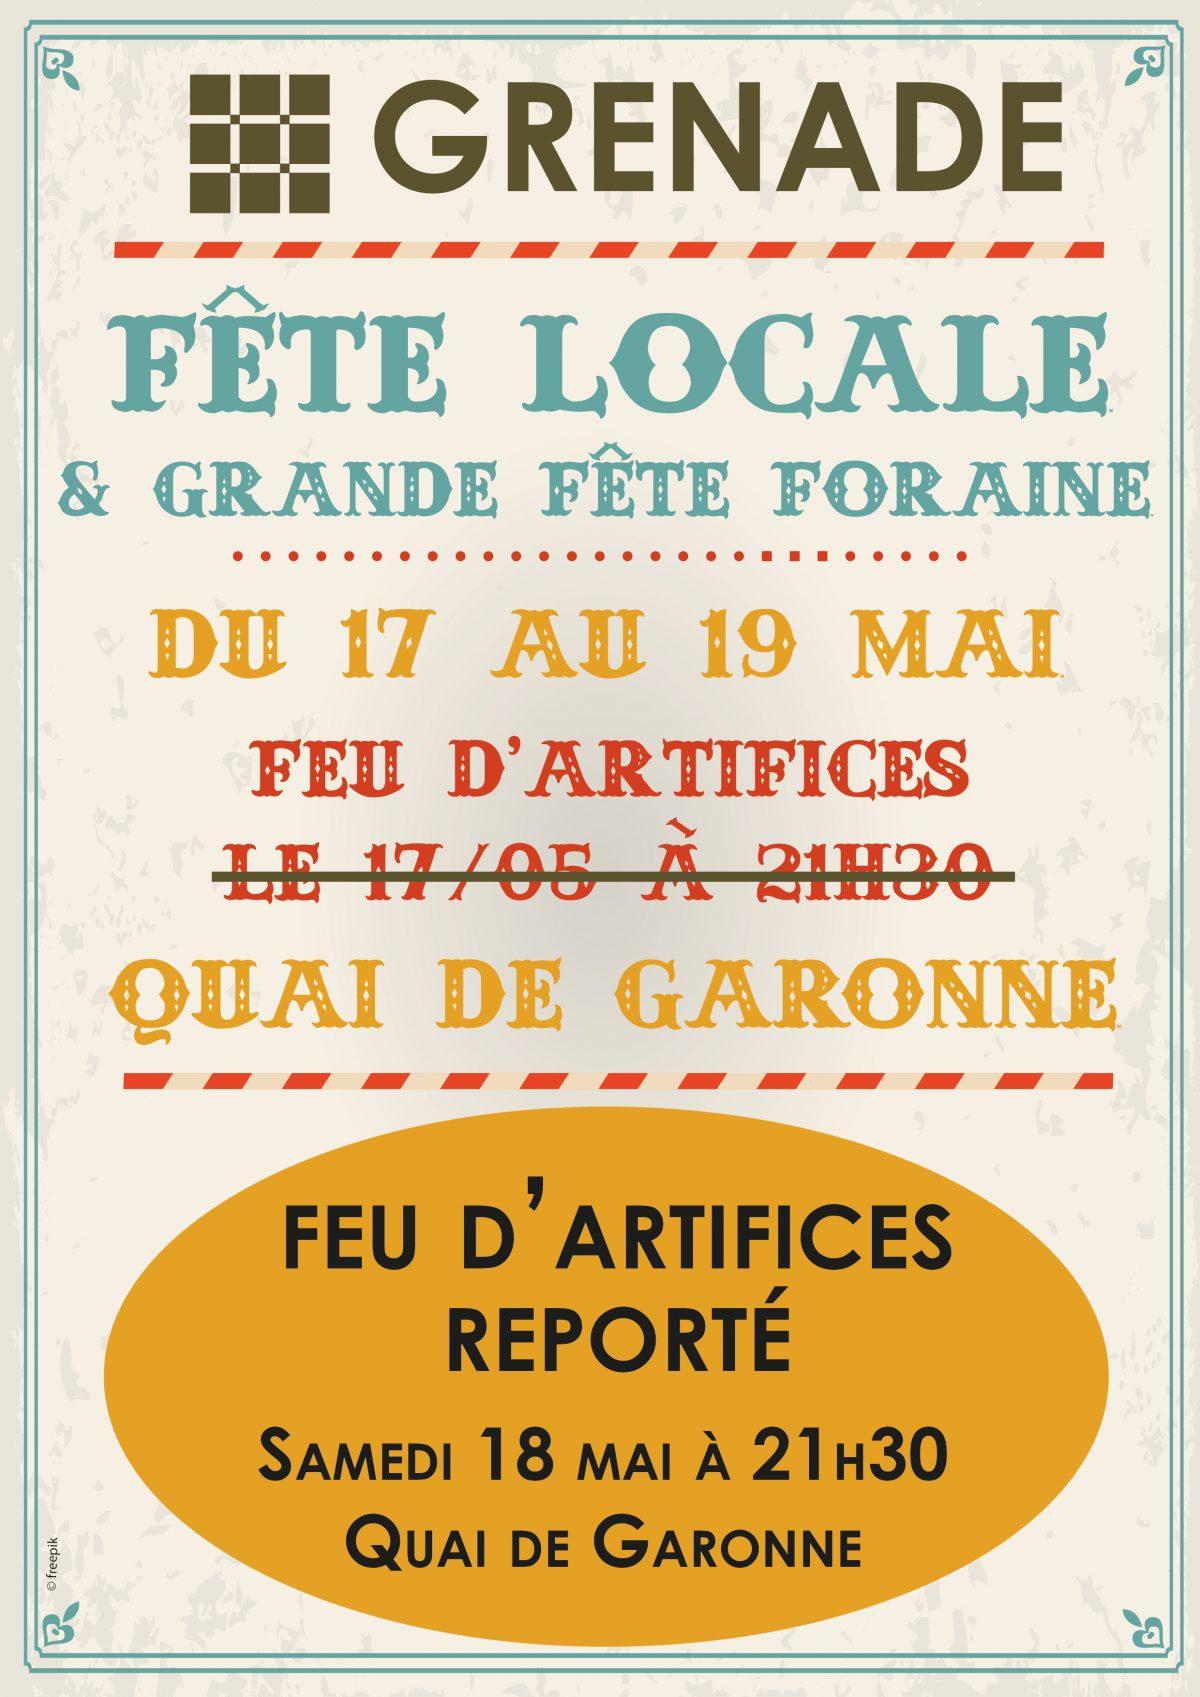 REPORT FEU D'ARTIFICES